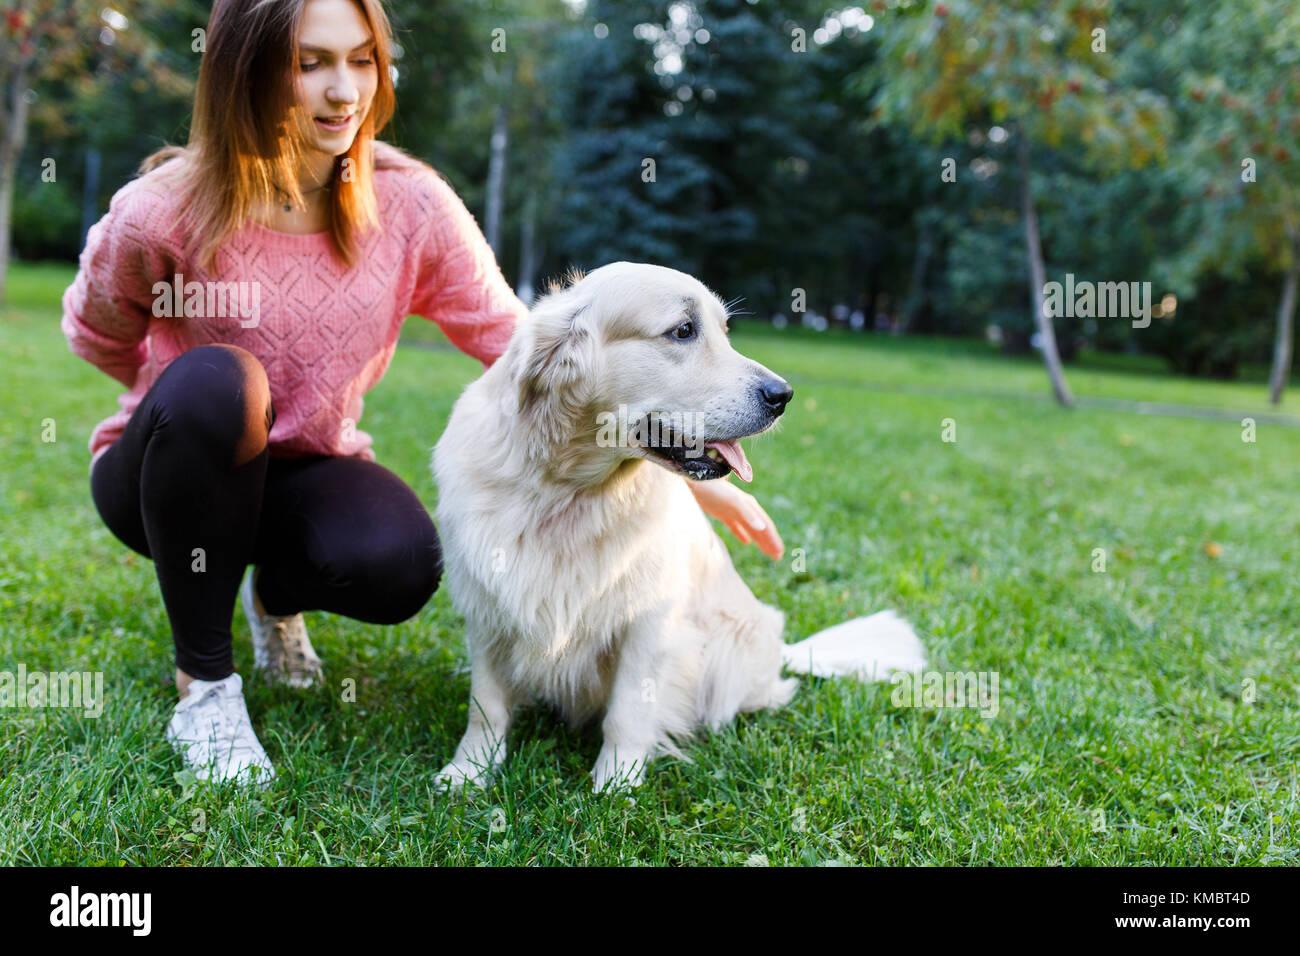 Foto von Brünette mit Labrador liegen auf dem Rasen im Sommer Park Stockbild